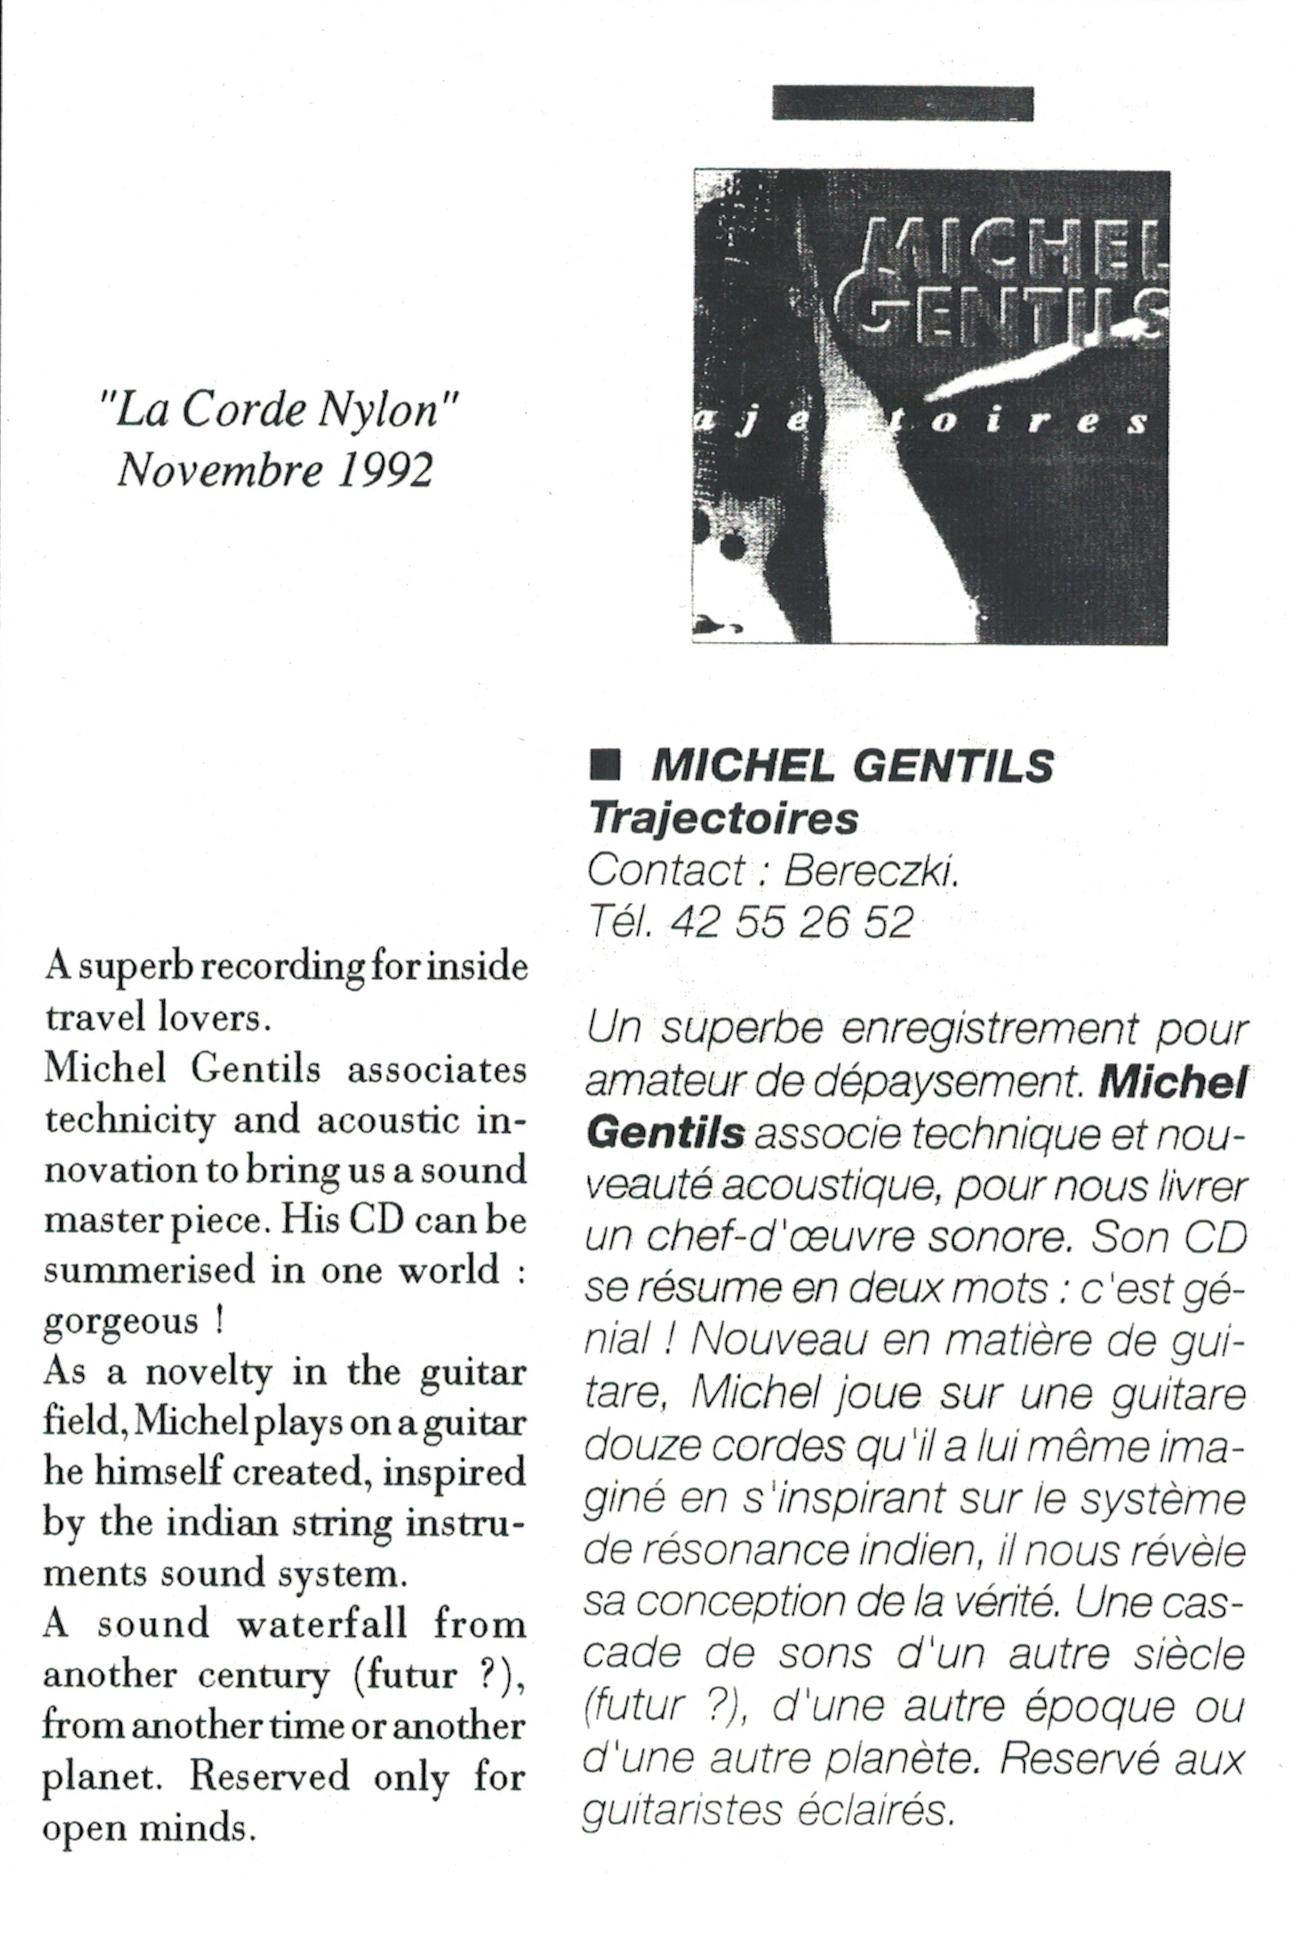 La Corde Nylon, critique du CD Trajectoires »